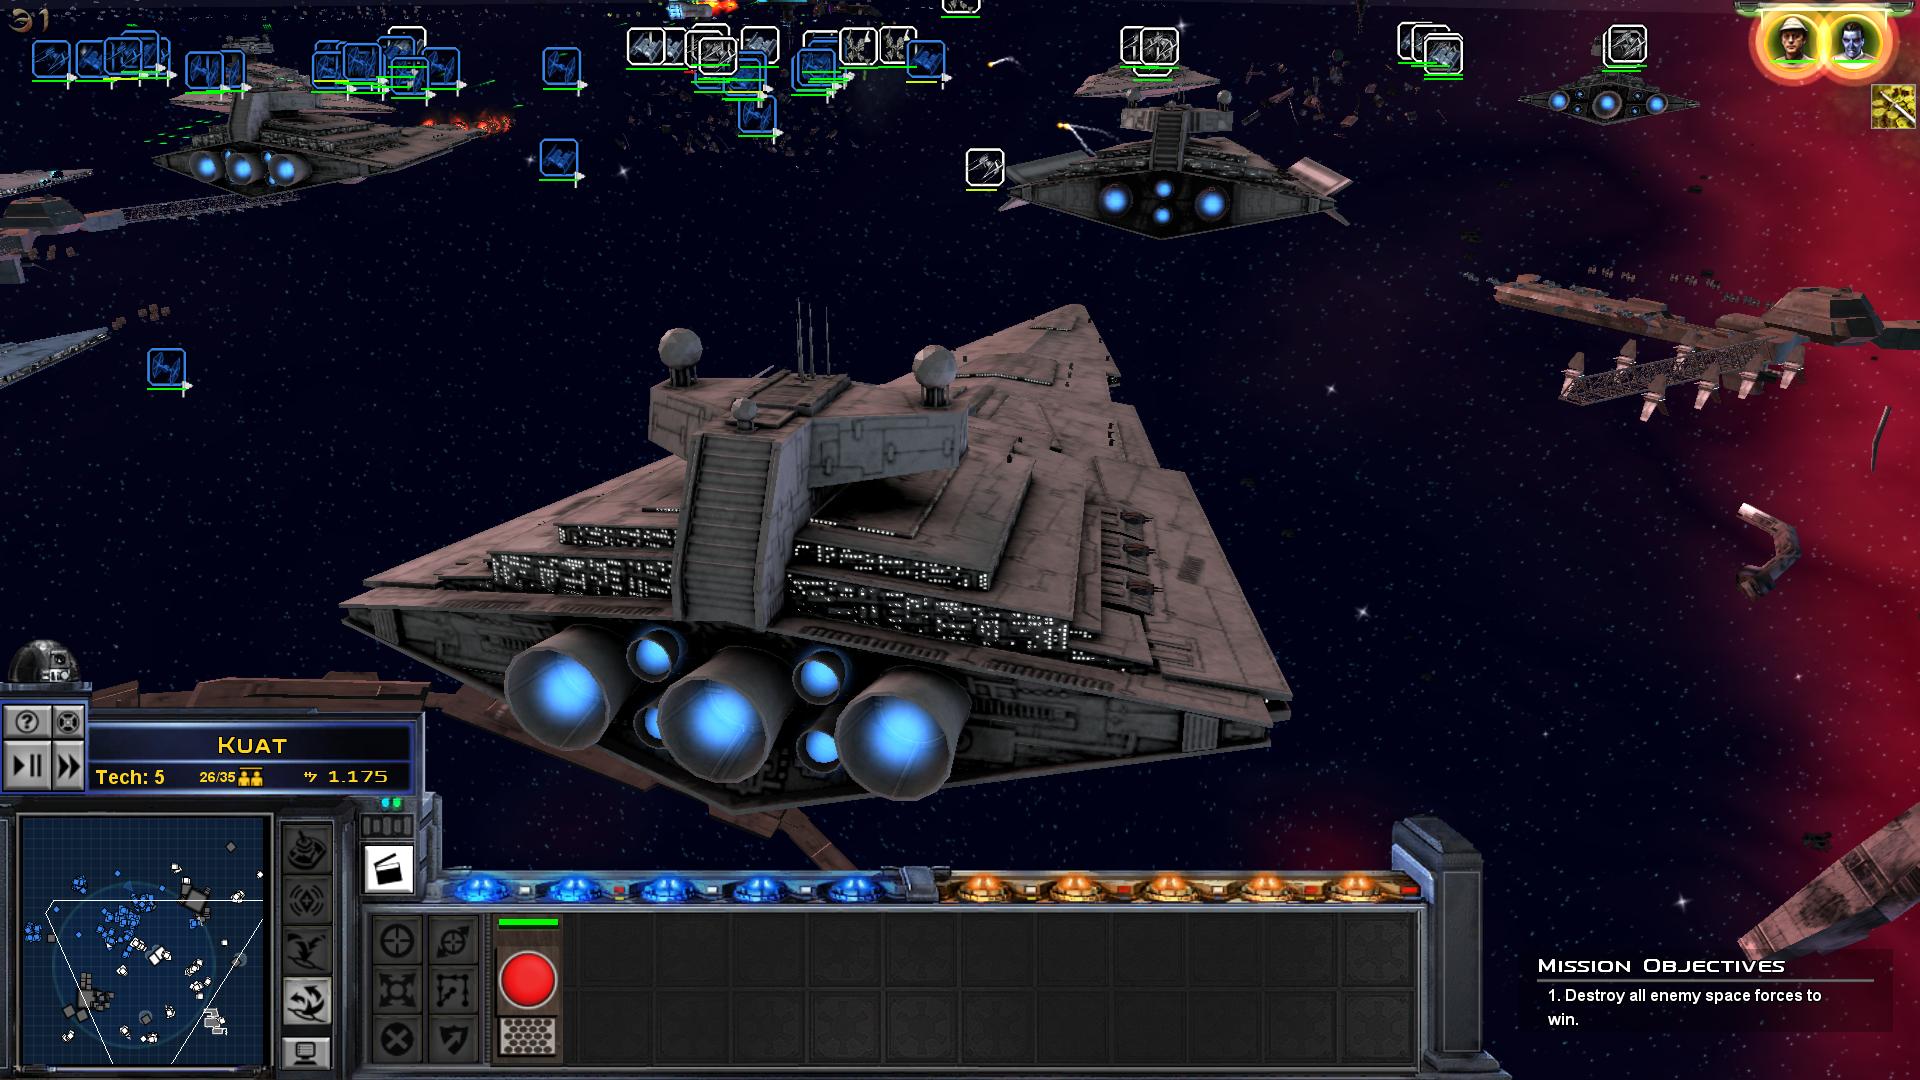 STAR WARS Empire at War: Gold Pack - Ovládněte nebo zkorumpujte celou galaxii v dokonalé kolekci strategií ze světa Star Wars. Je období galaktické občanské války. Postavíte se do čela Povstalců, převezmete vládu nad Impériem nebo budete…